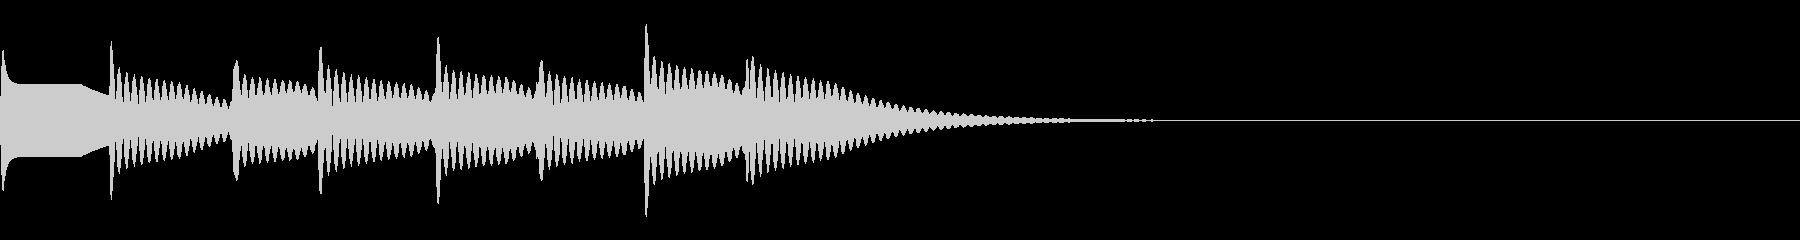 ピンポーン×4(大正解)の未再生の波形